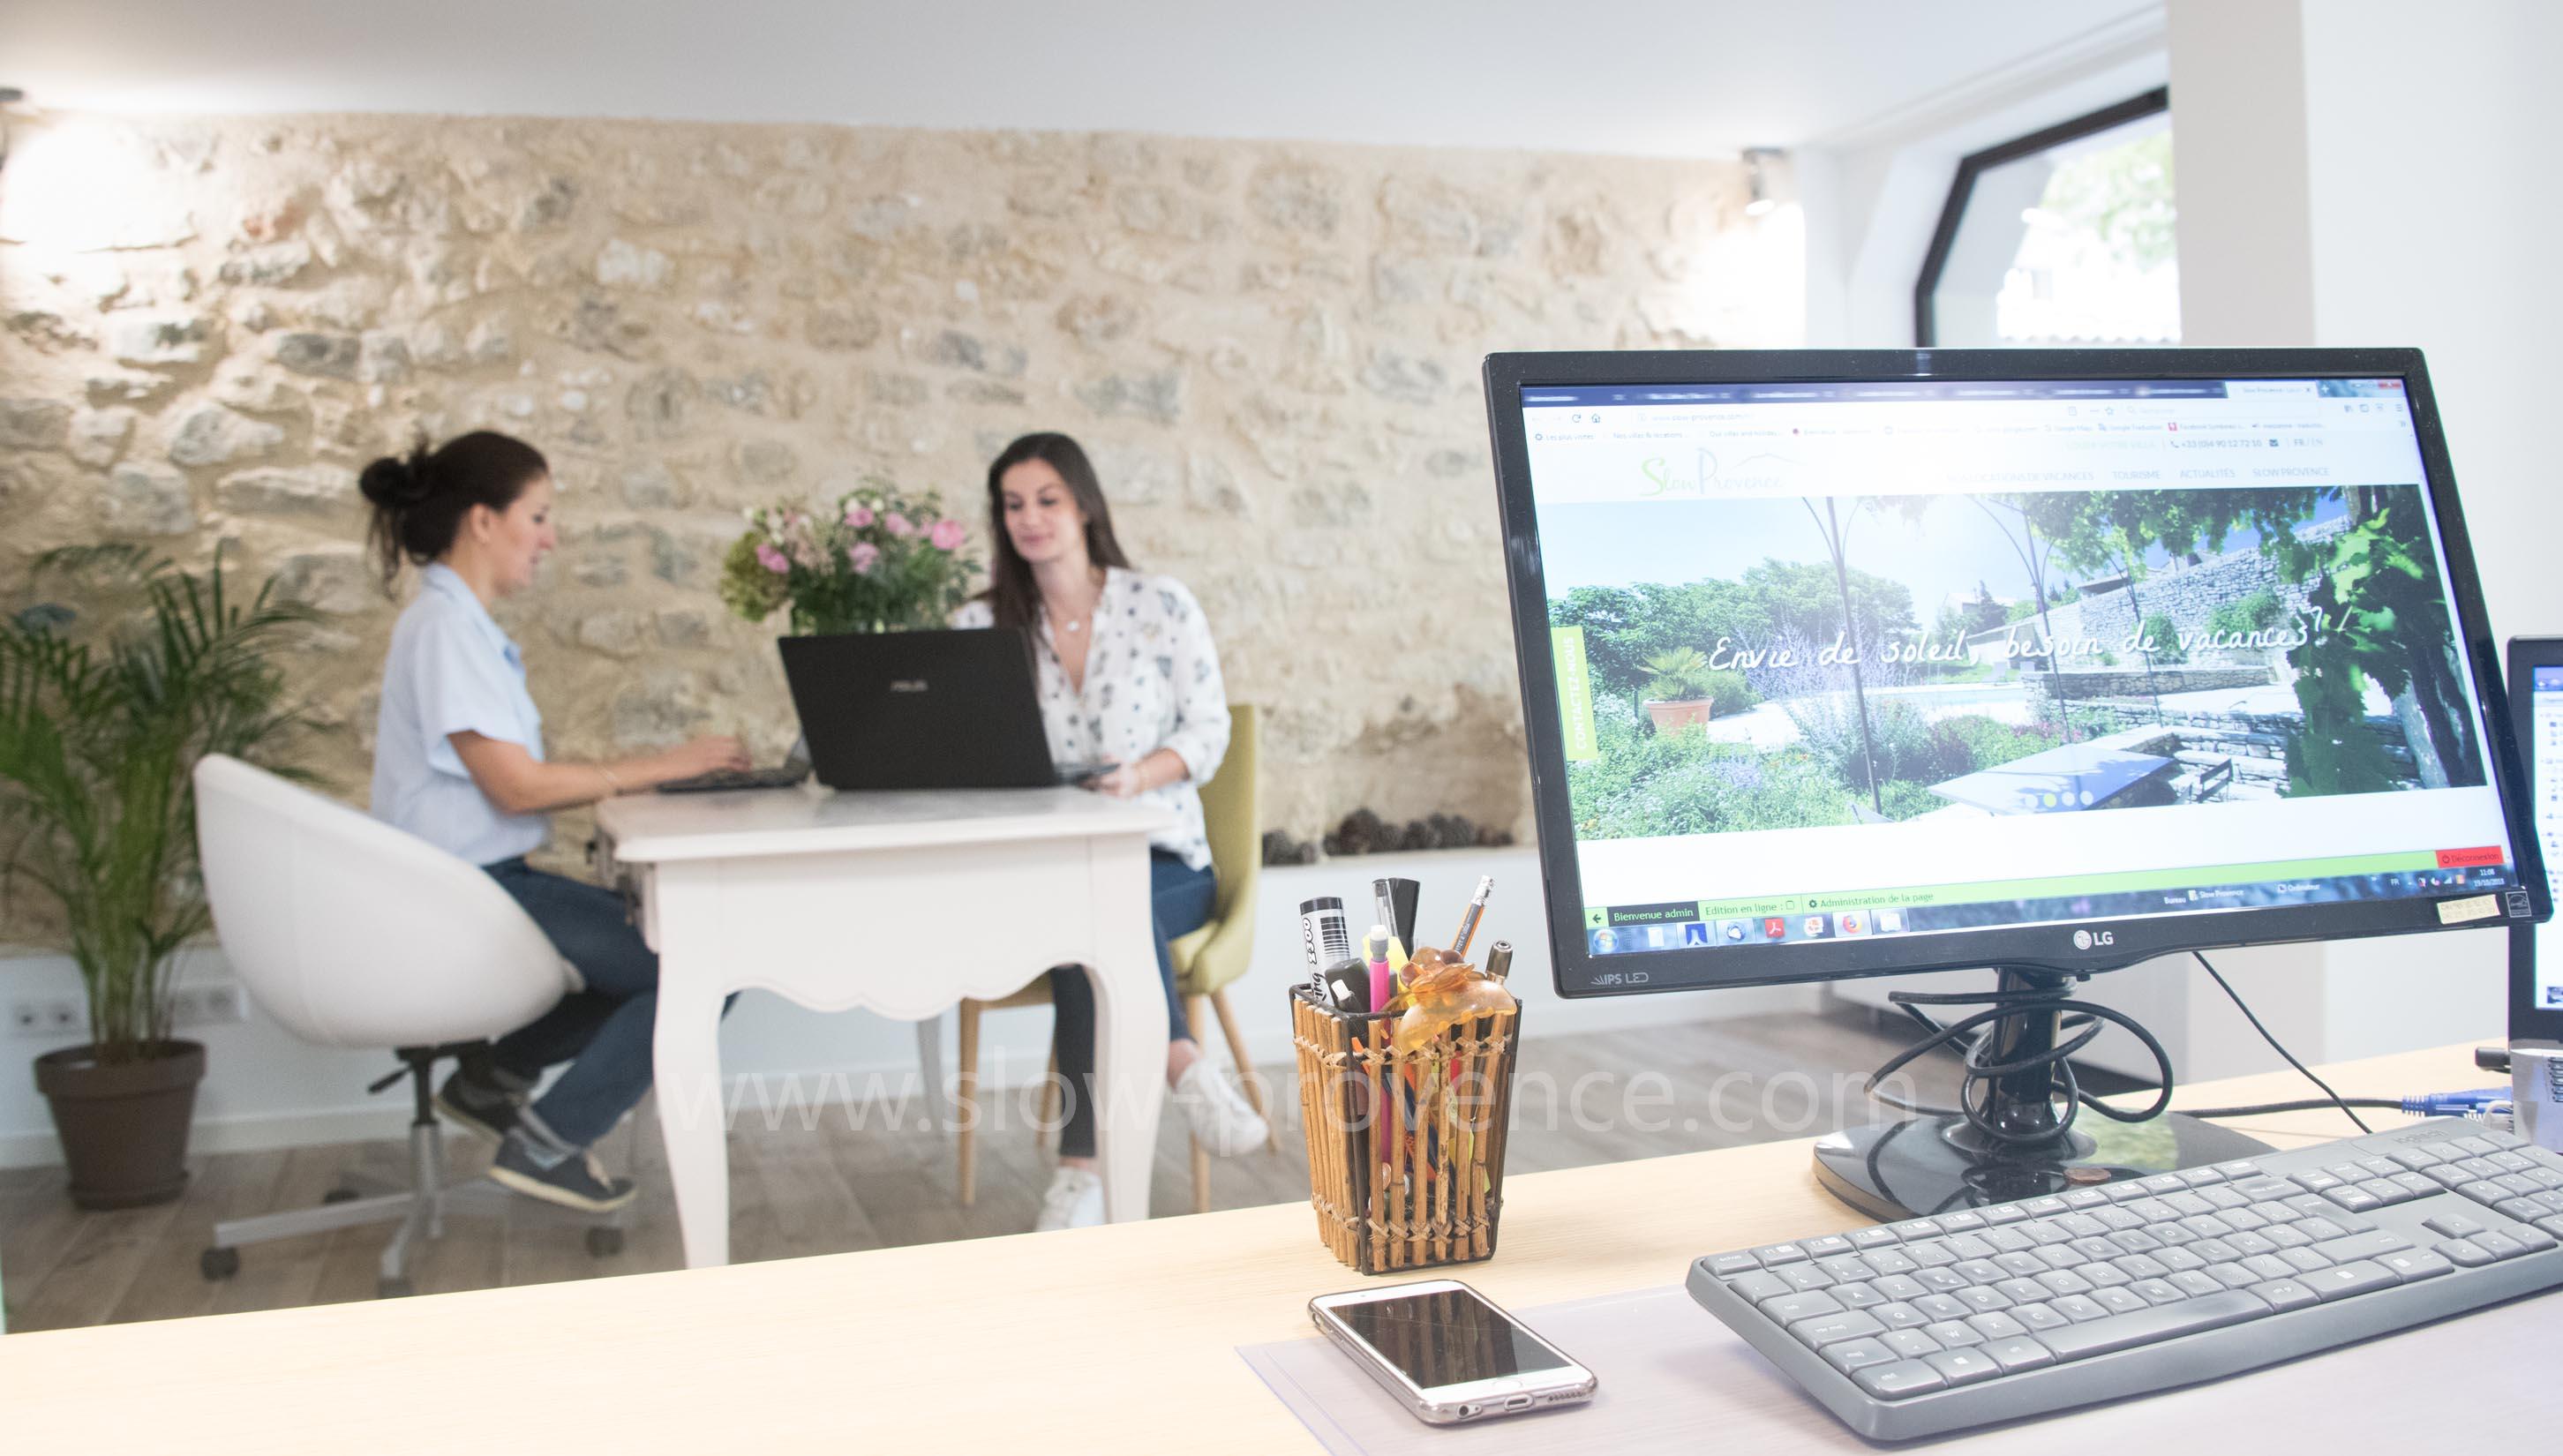 Agence specialisée en location saisonnière - Bedoin, Mont Ventoux